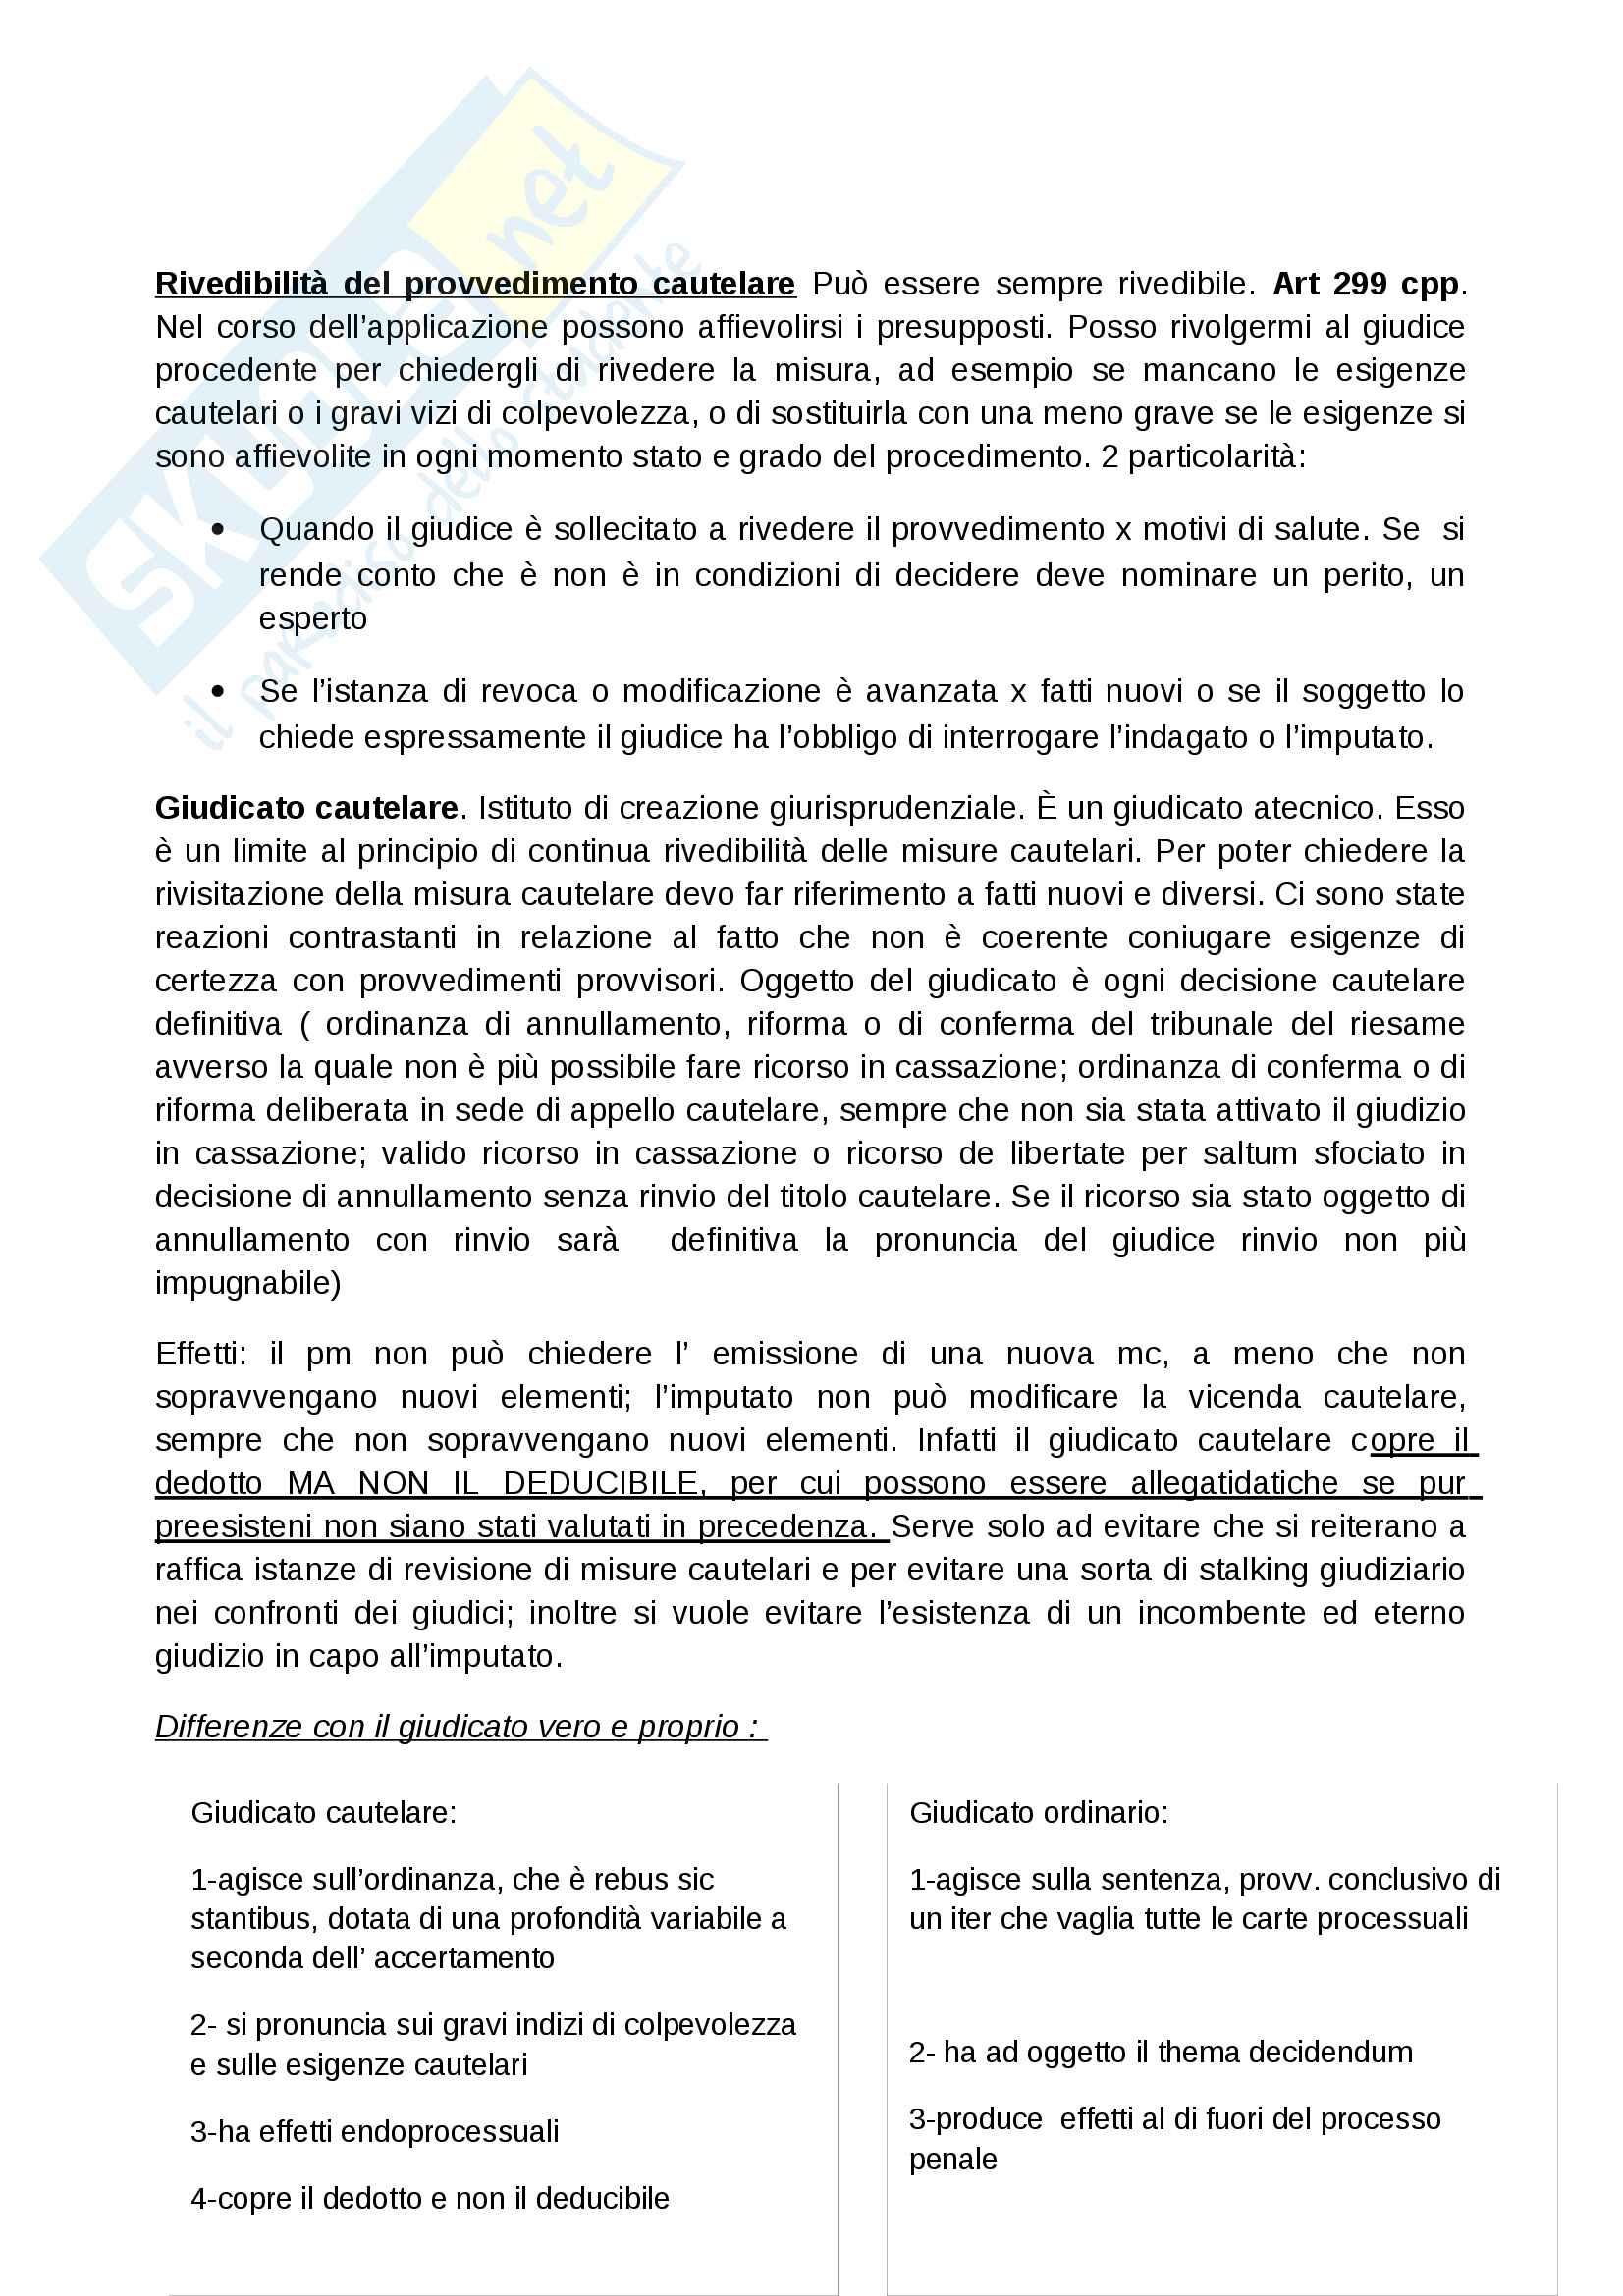 Misure cautelari Pag. 16